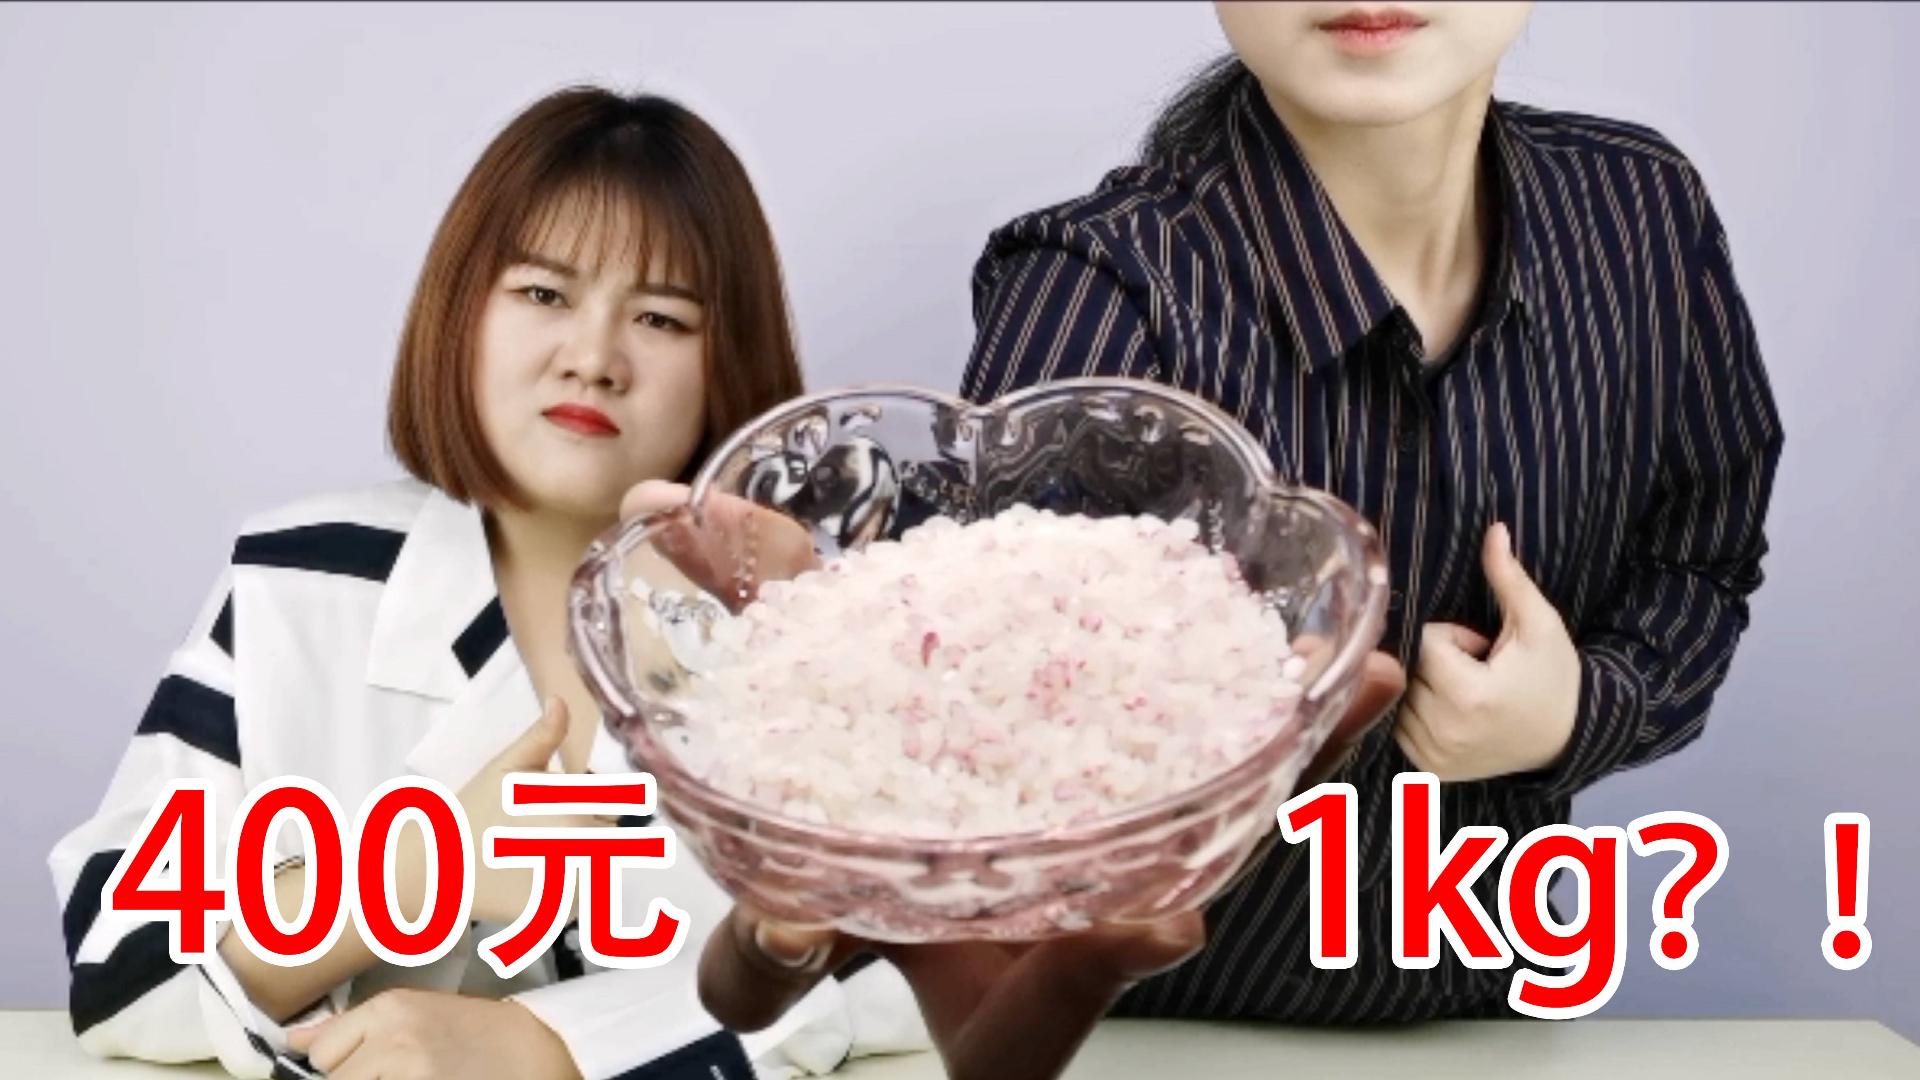 开箱日本400元1kg樱花色大米,美容养颜还减肥的仙女口粮?!